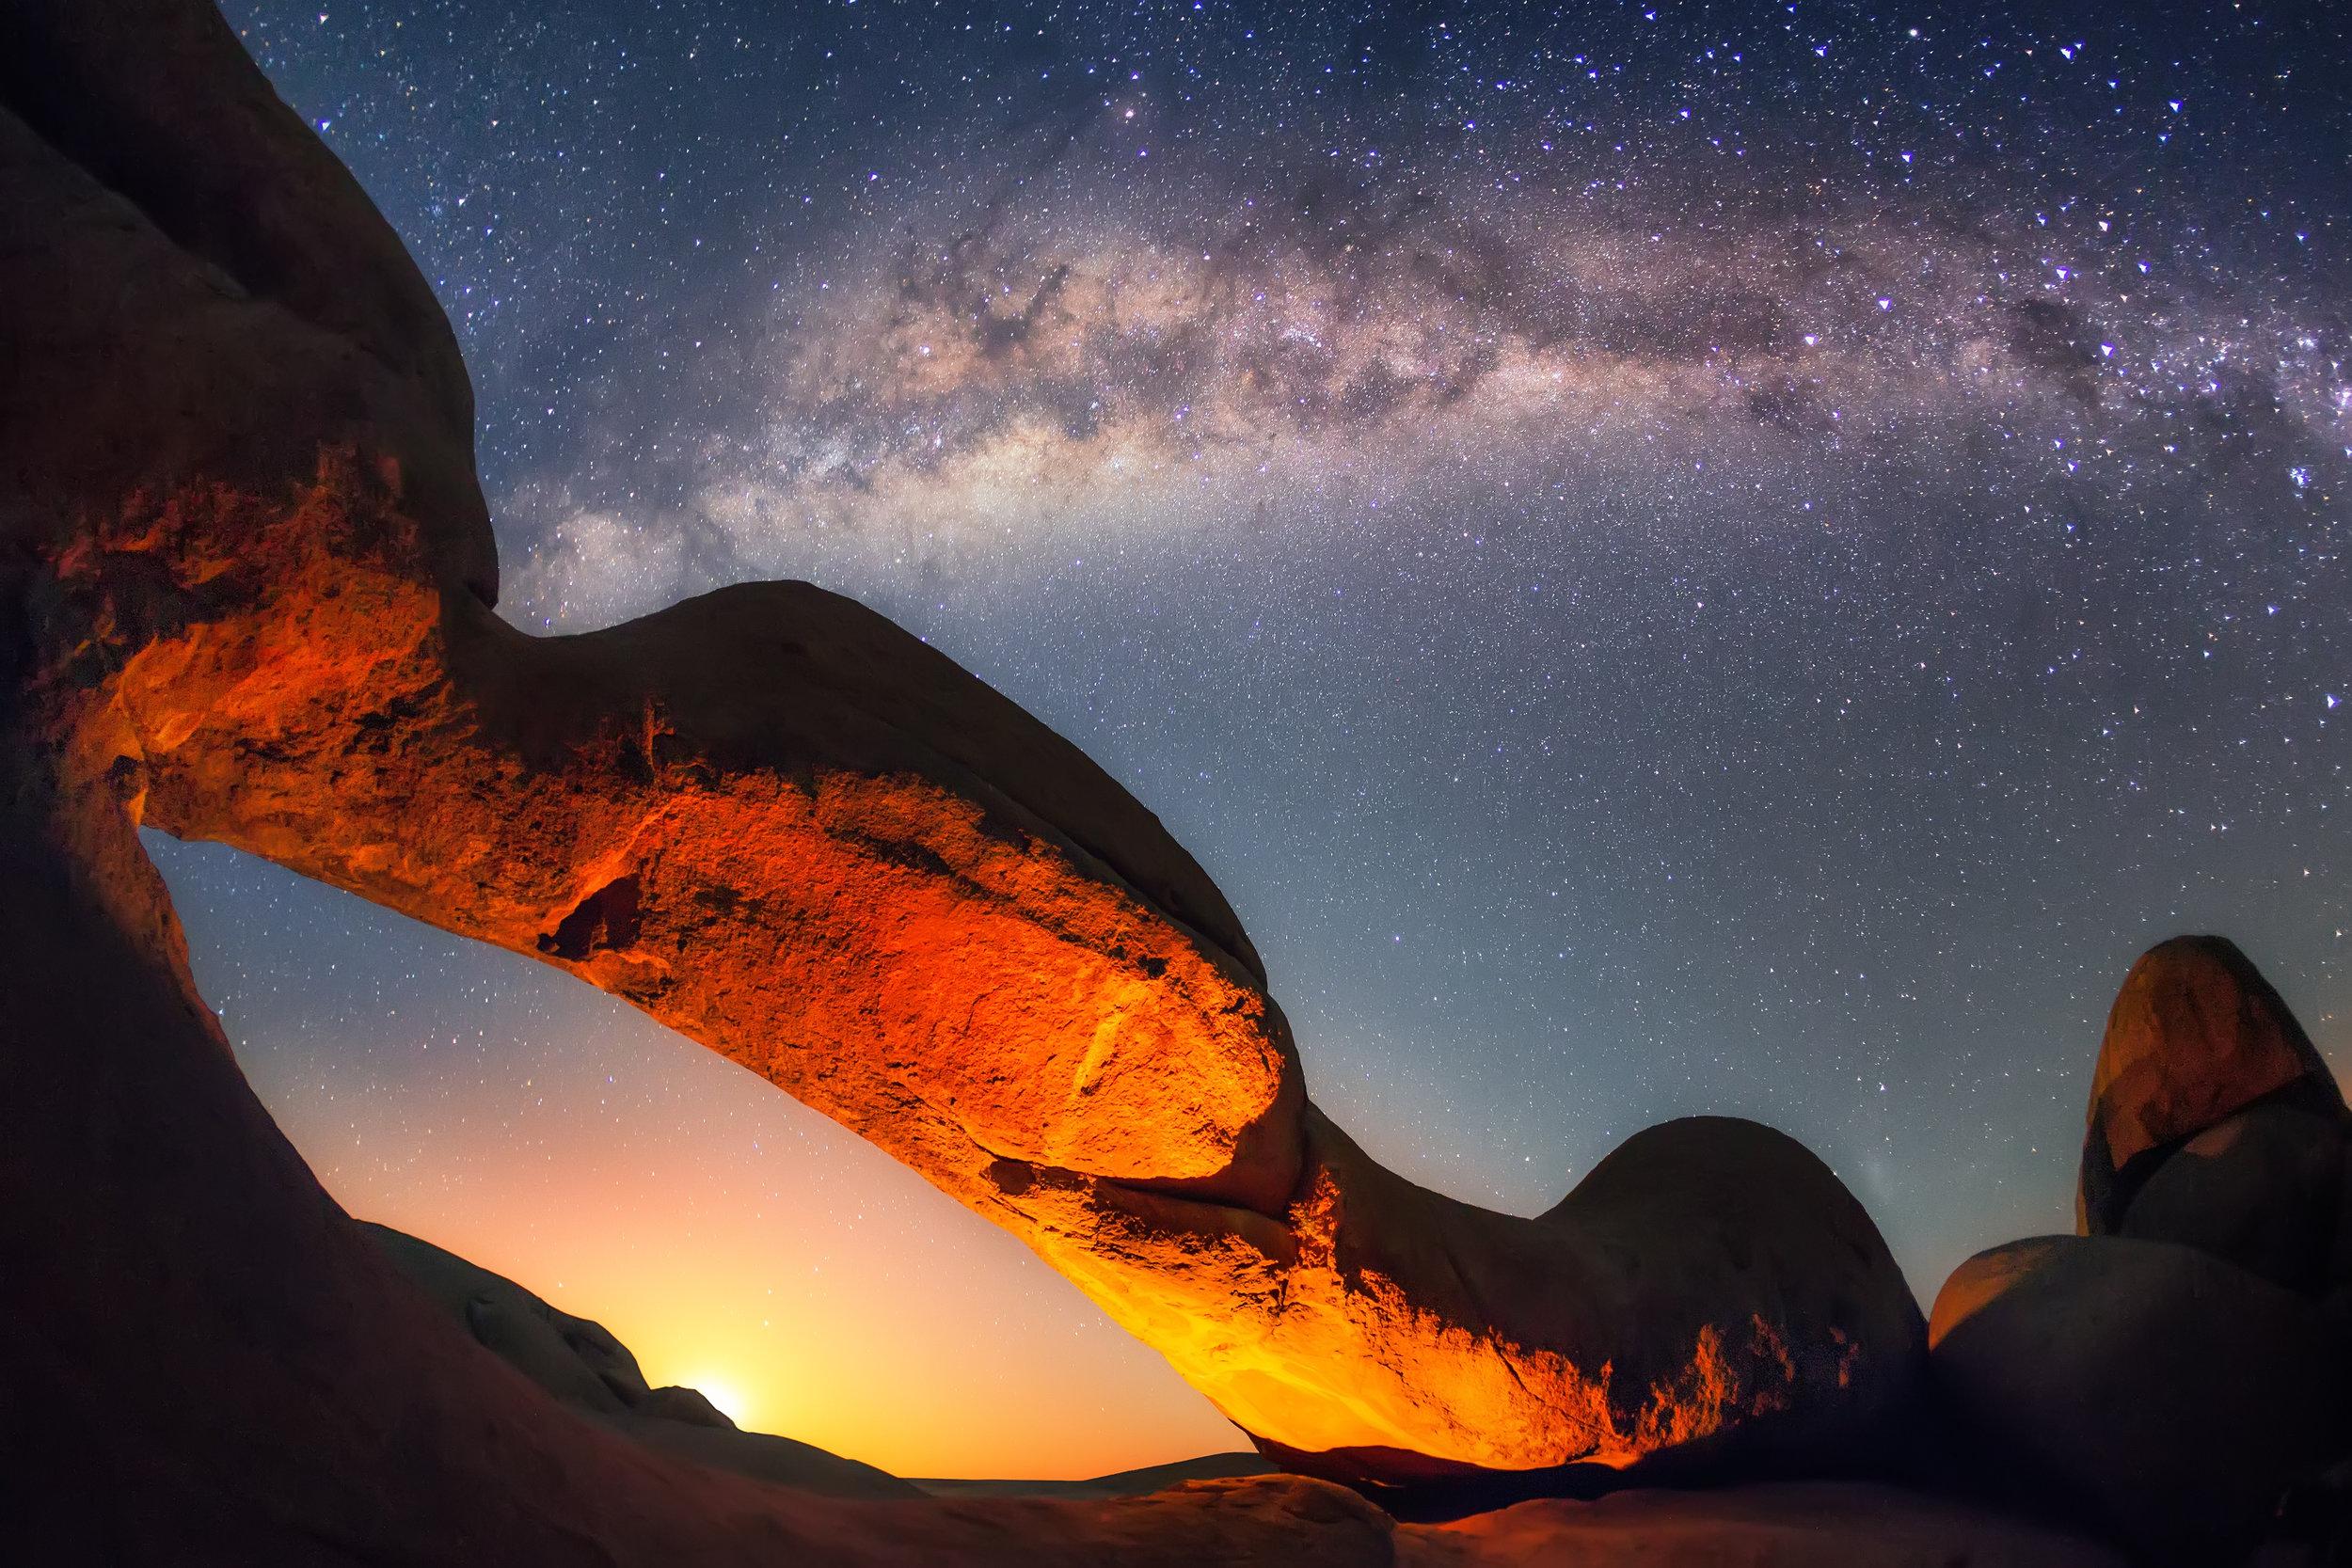 Milky Way over Spitzkoppe's Arch, Namib Desert, Namibia